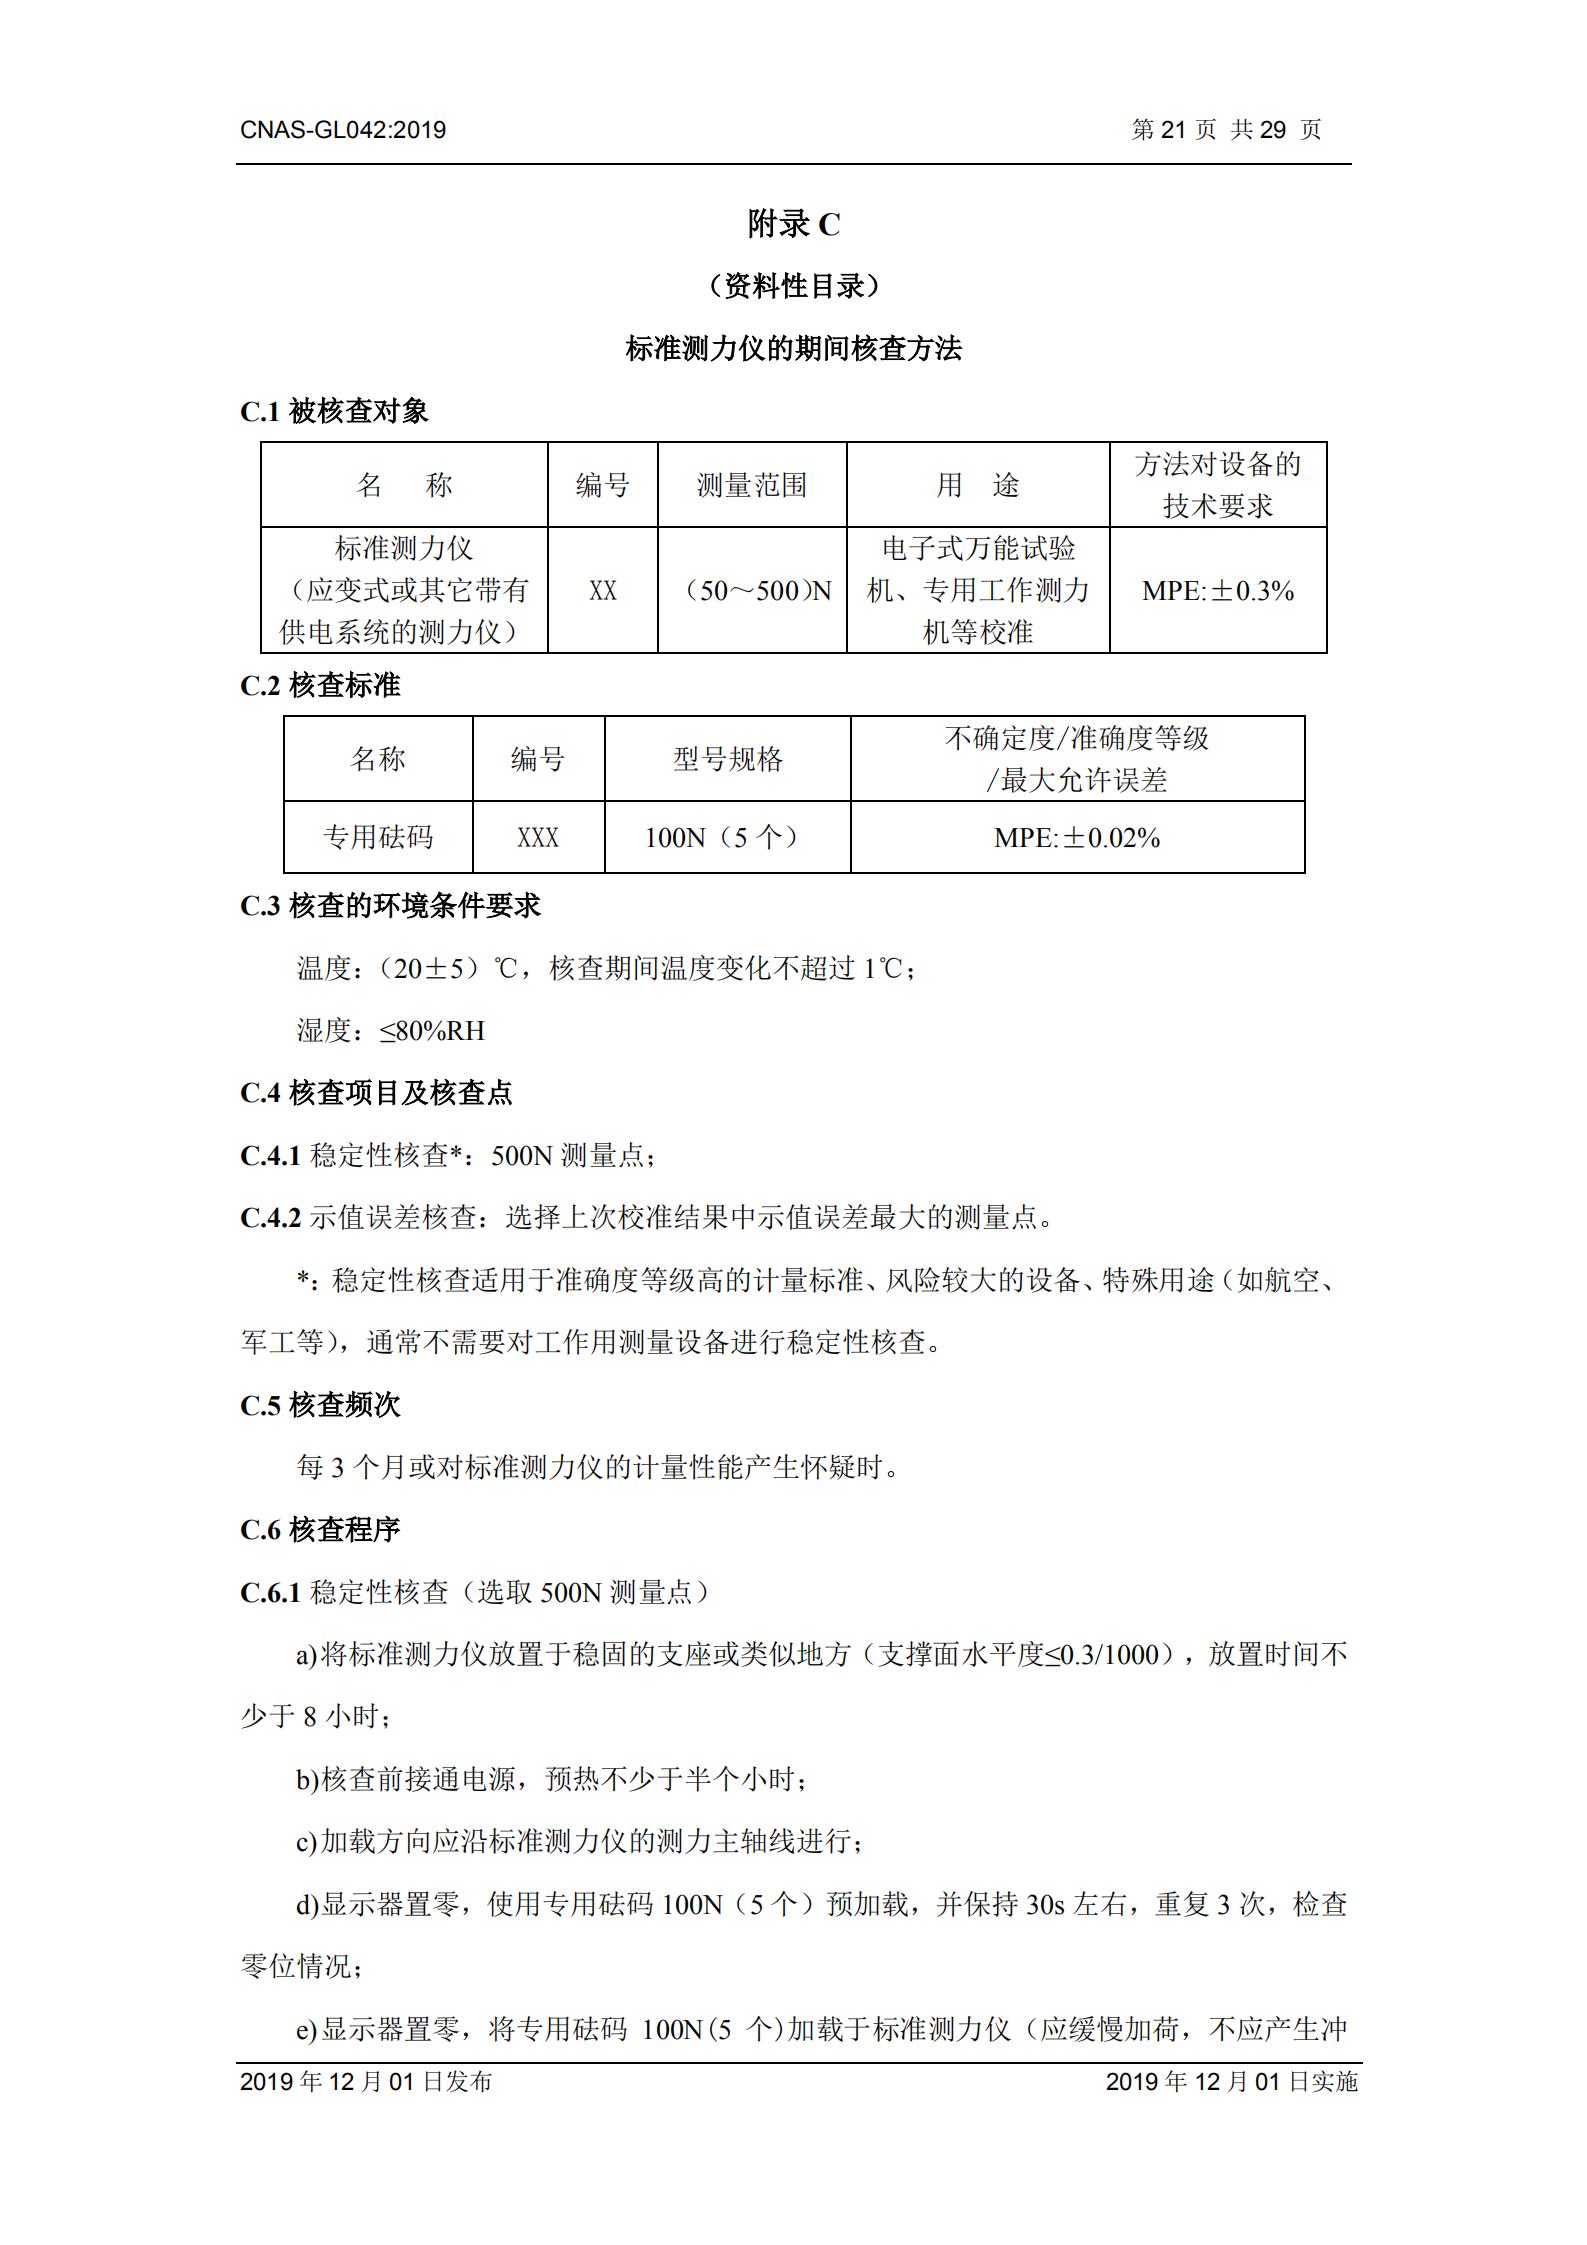 CNAS-GL042:2019《测量设备期间核查的方法指南》_21.png